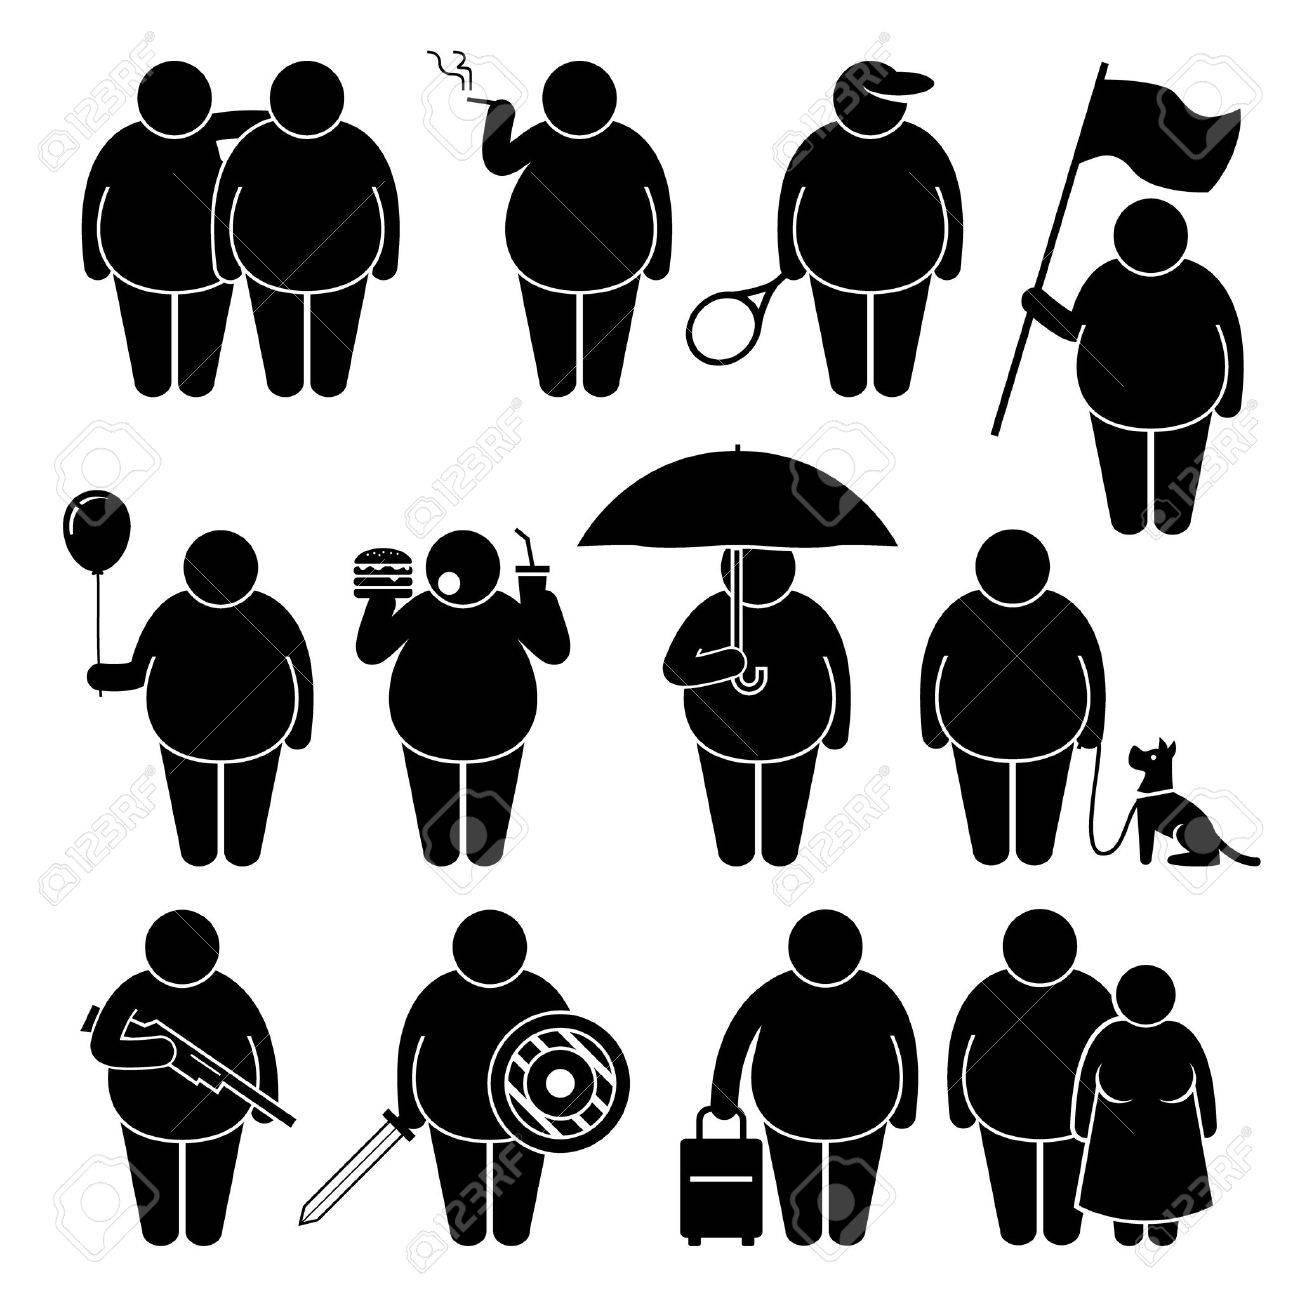 Hombre gordo que sostiene con objetos diversos Stick Figure Pictograma Iconos Foto de archivo - 38625242